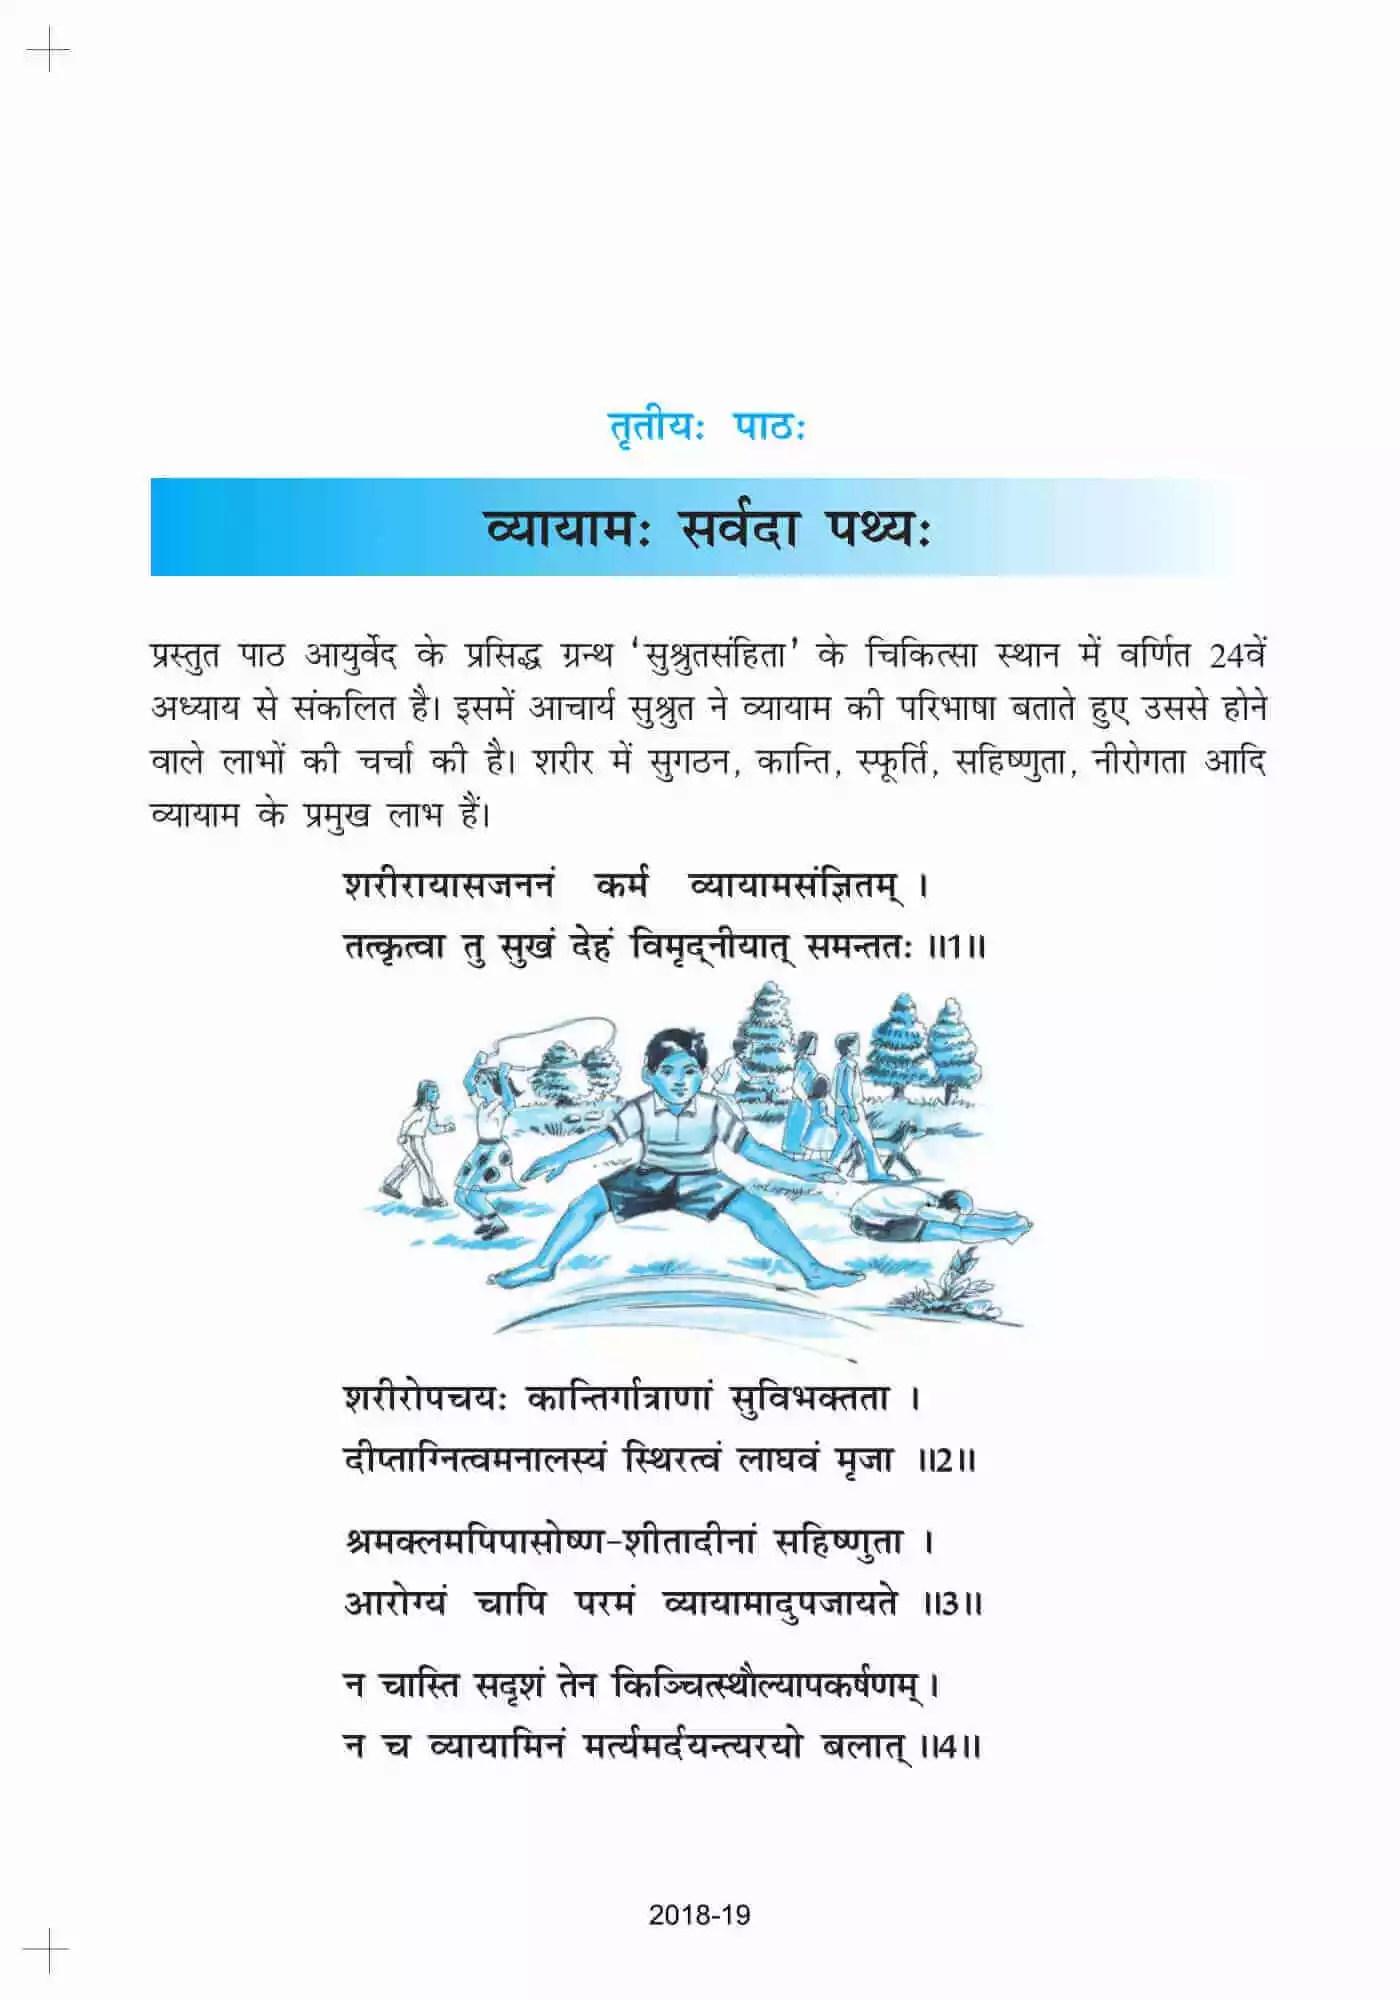 NCERT Solutions For Class 10 Sanskrit Shemushi Chapter 3